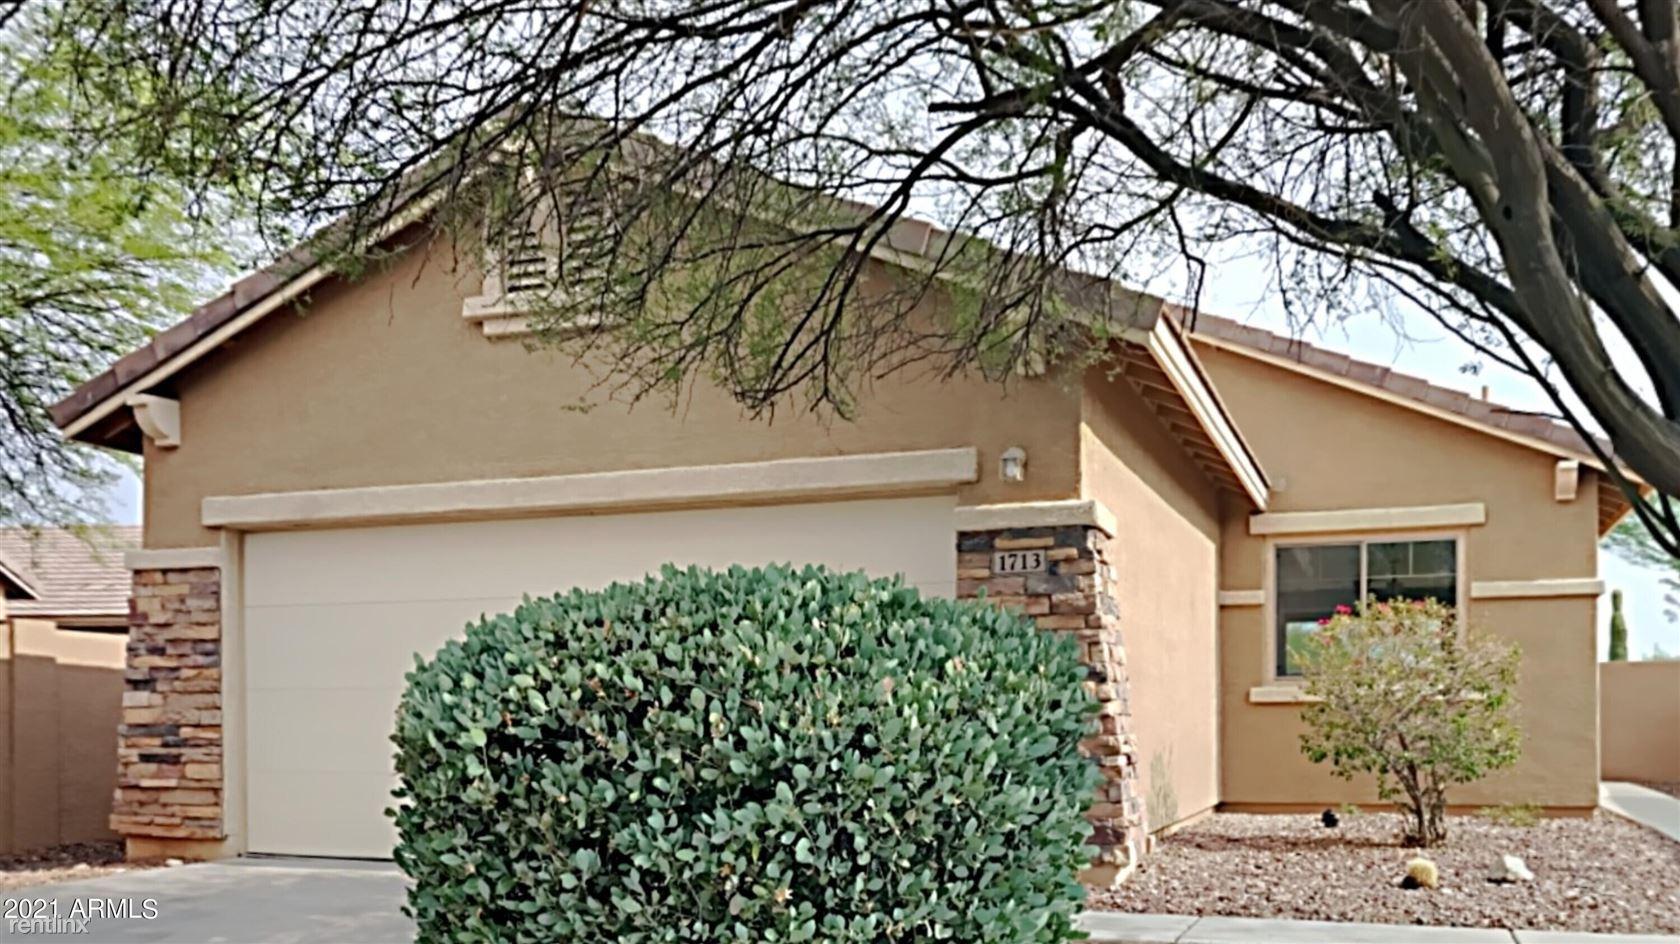 1713 W OWENS Way, Phoenix, AZ - 2,910 USD/ month